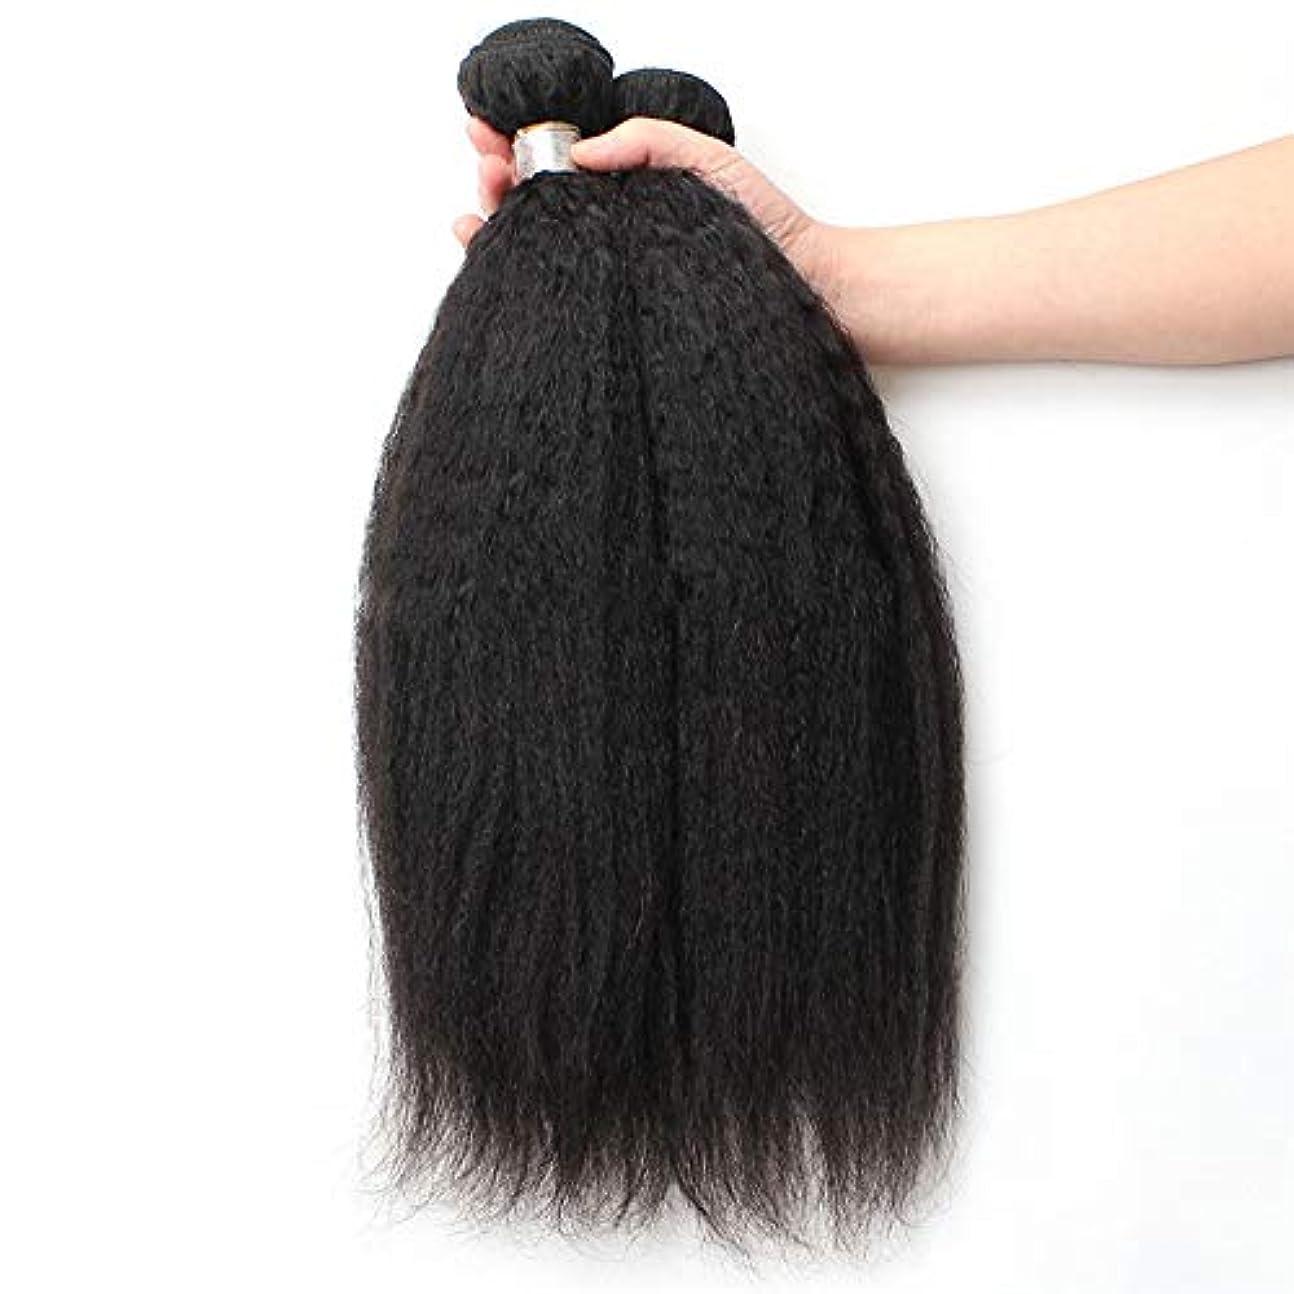 言い換えると程度制裁WASAIO 閉鎖ボディ未処理の拡張機能生物黒着色1つのバンドルにブラジルのキンキーストレート人間の髪織り (色 : 黒, サイズ : 22 inch)